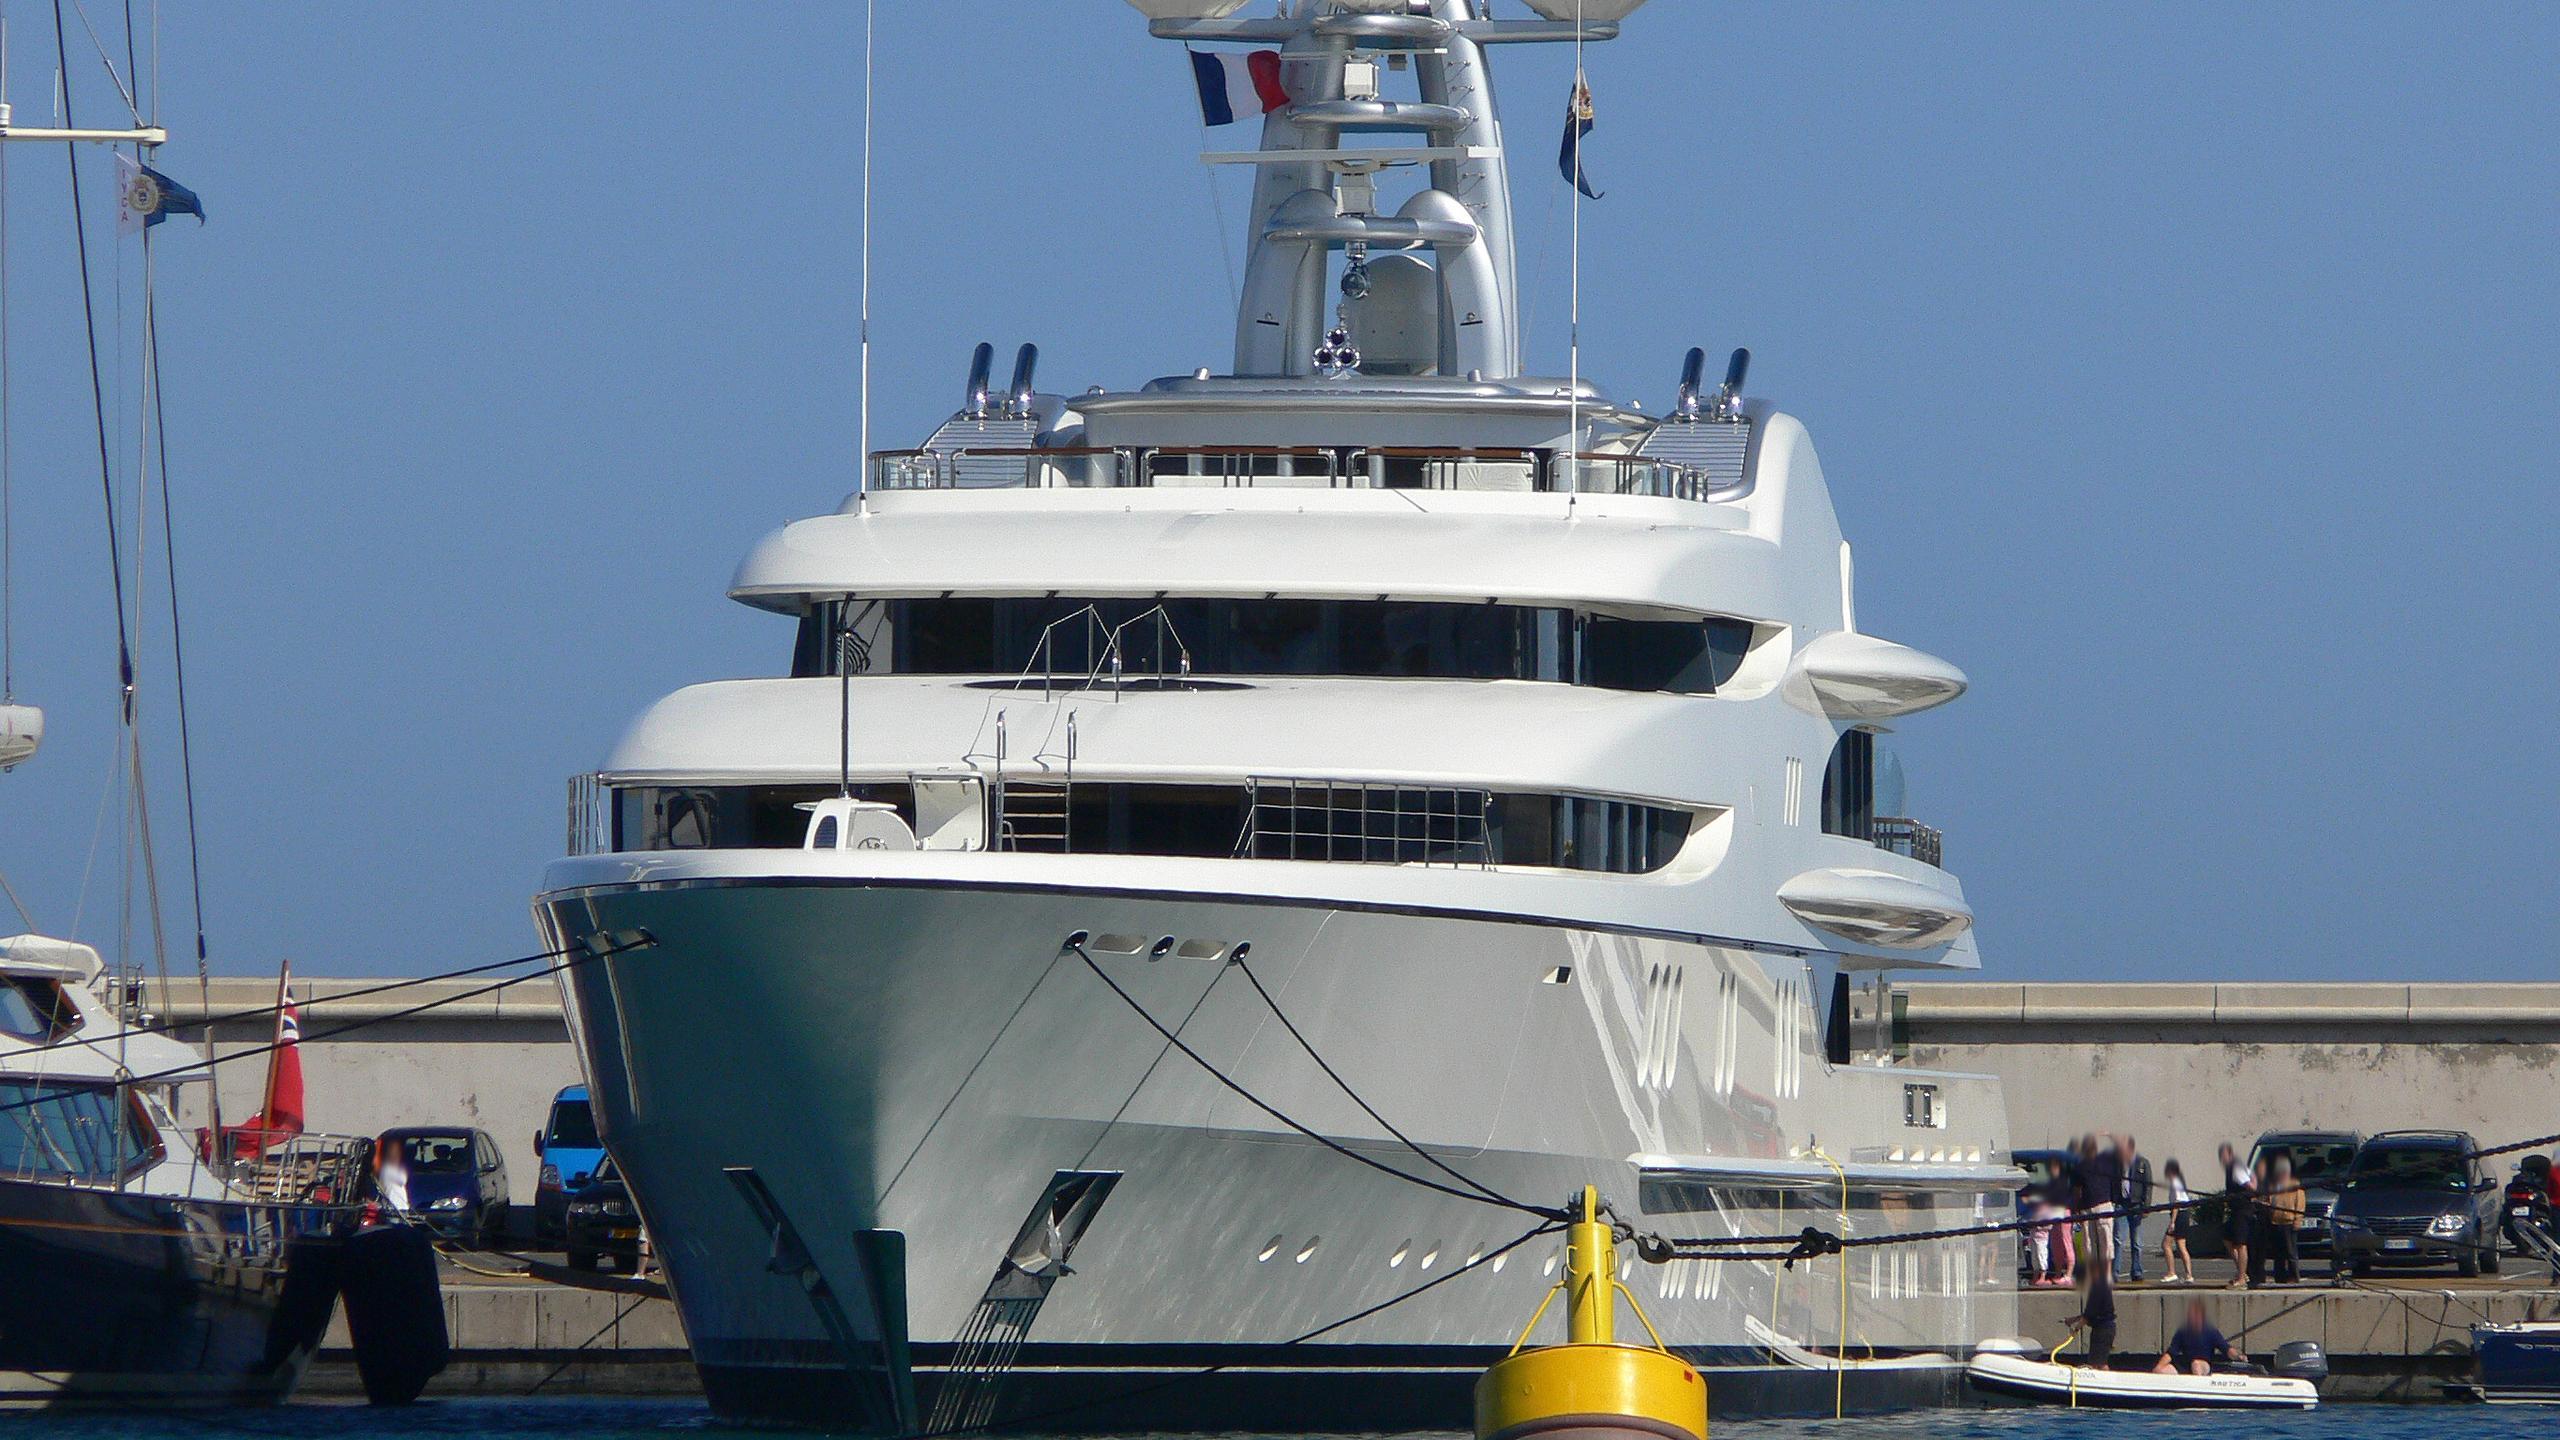 anna-1-anna-motor-yacht-feadship-2007-67m-bow-shipyard